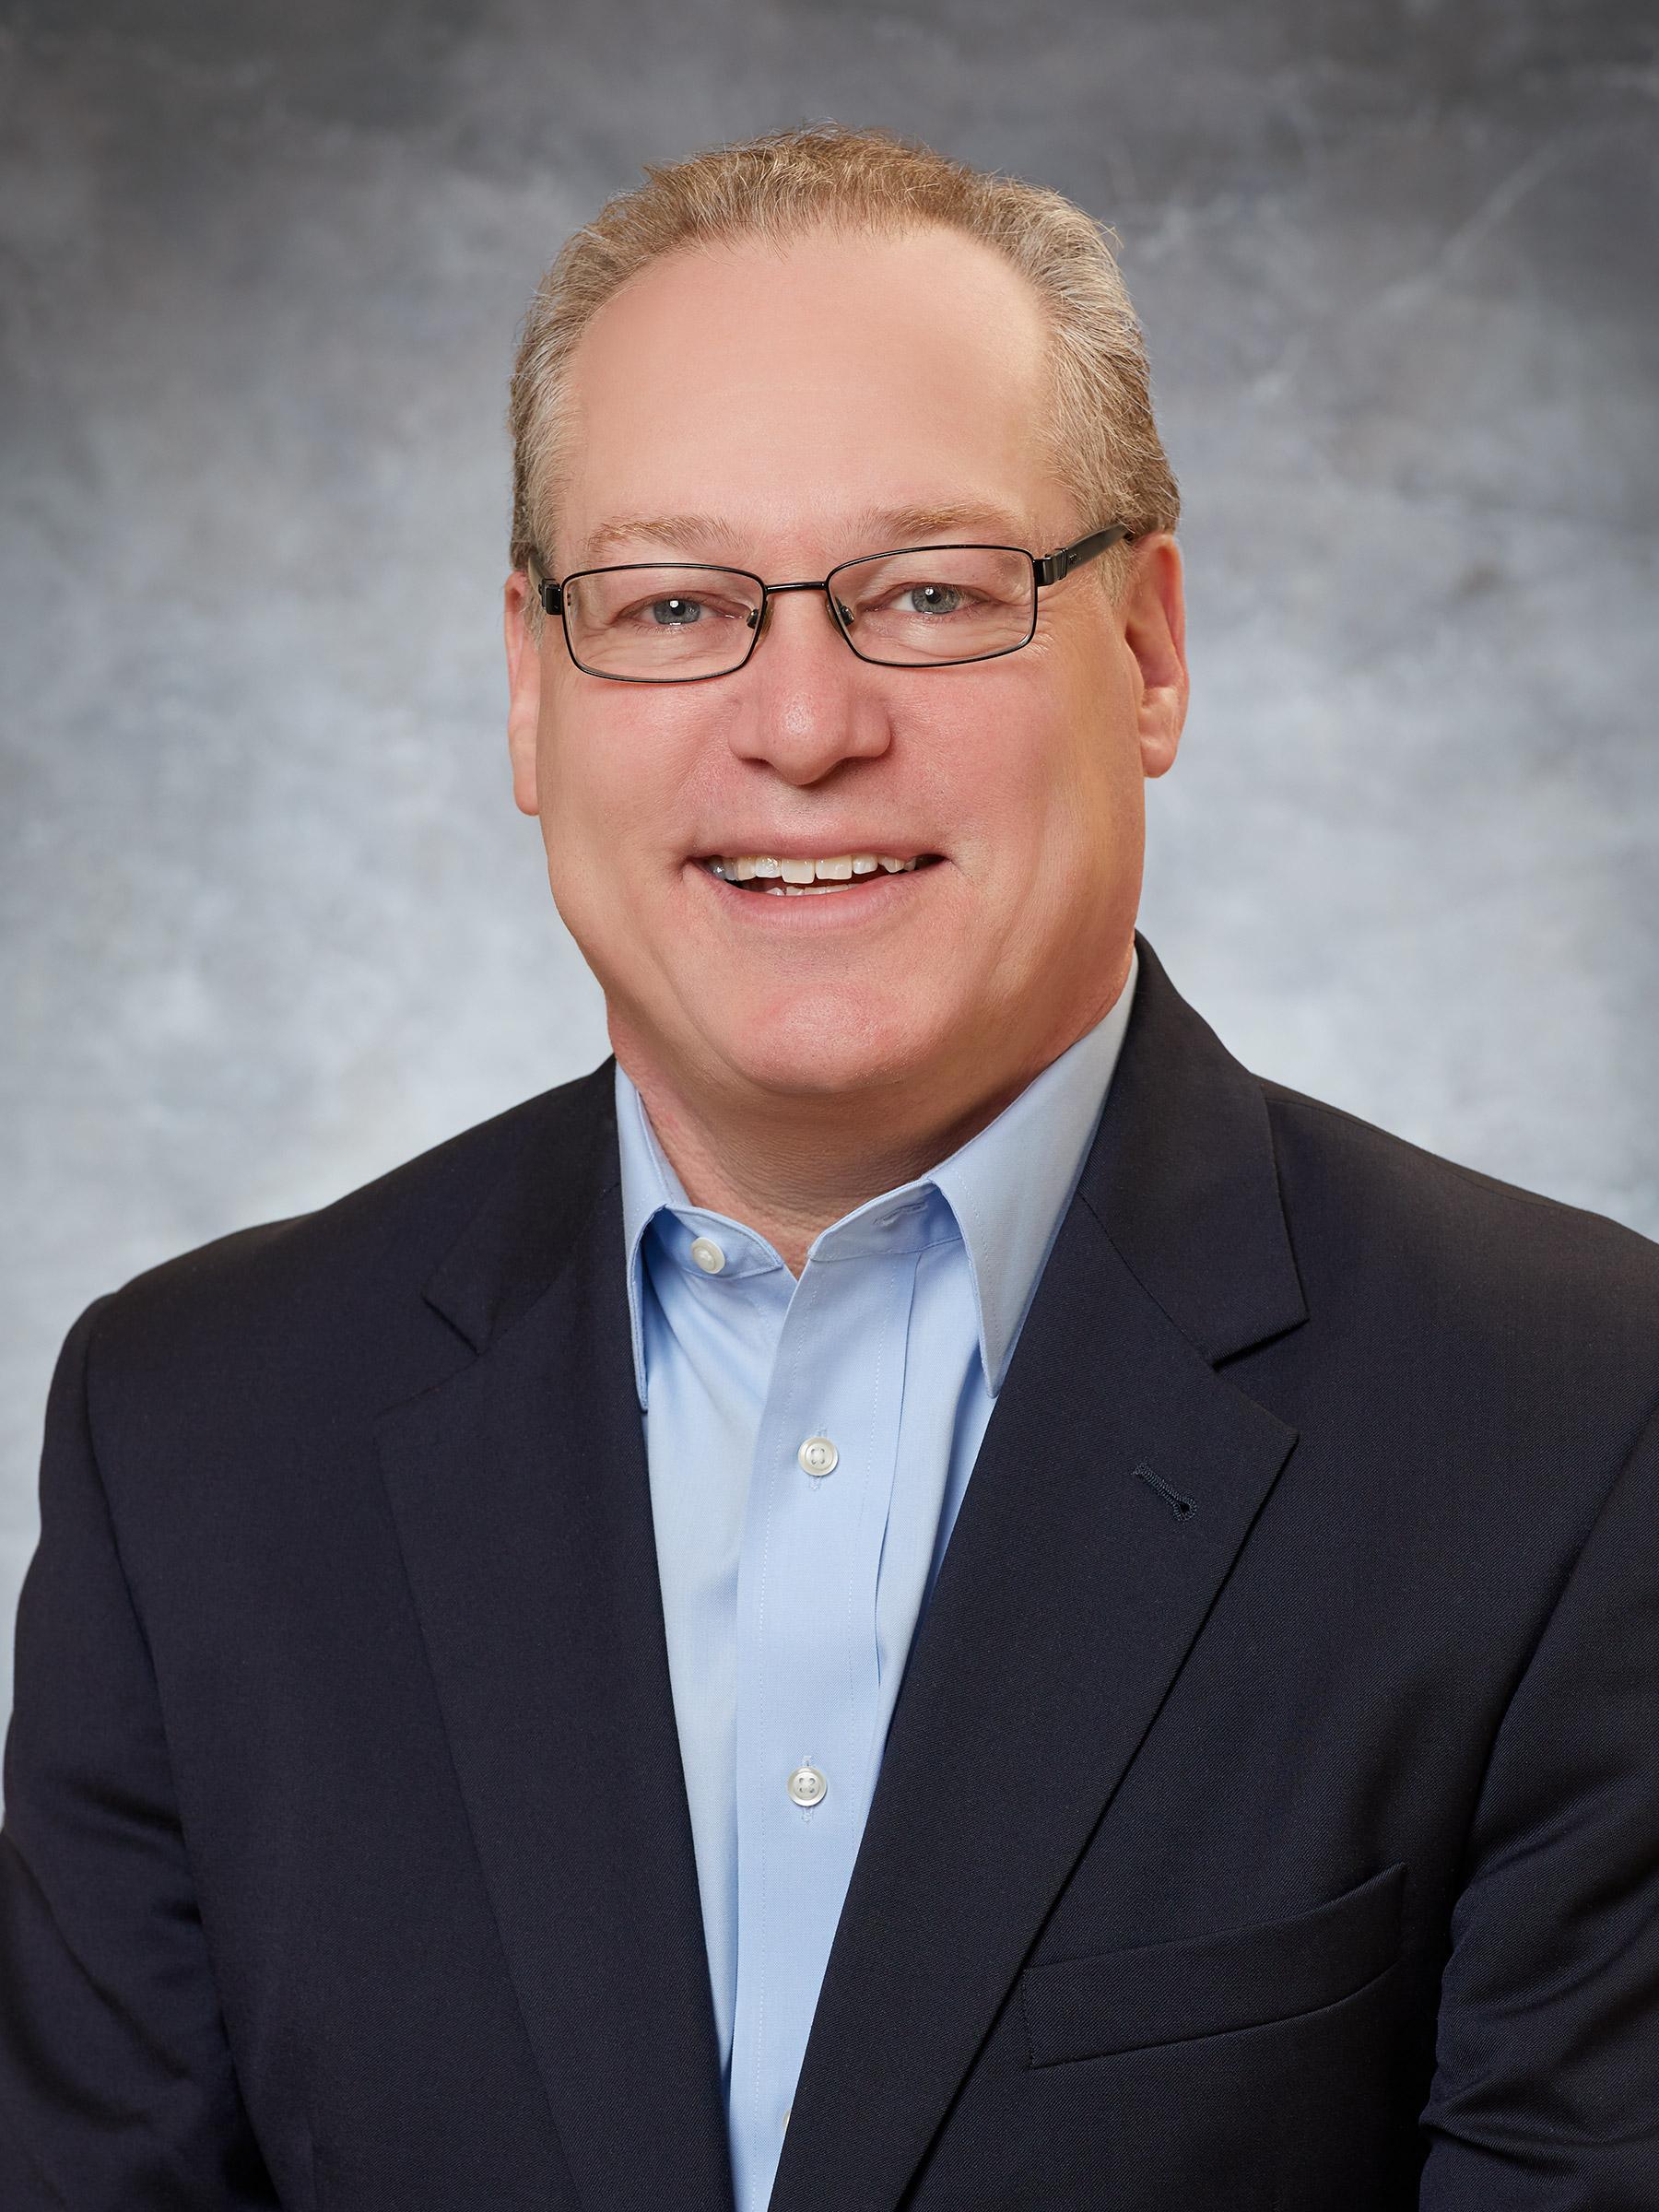 Bill Hess